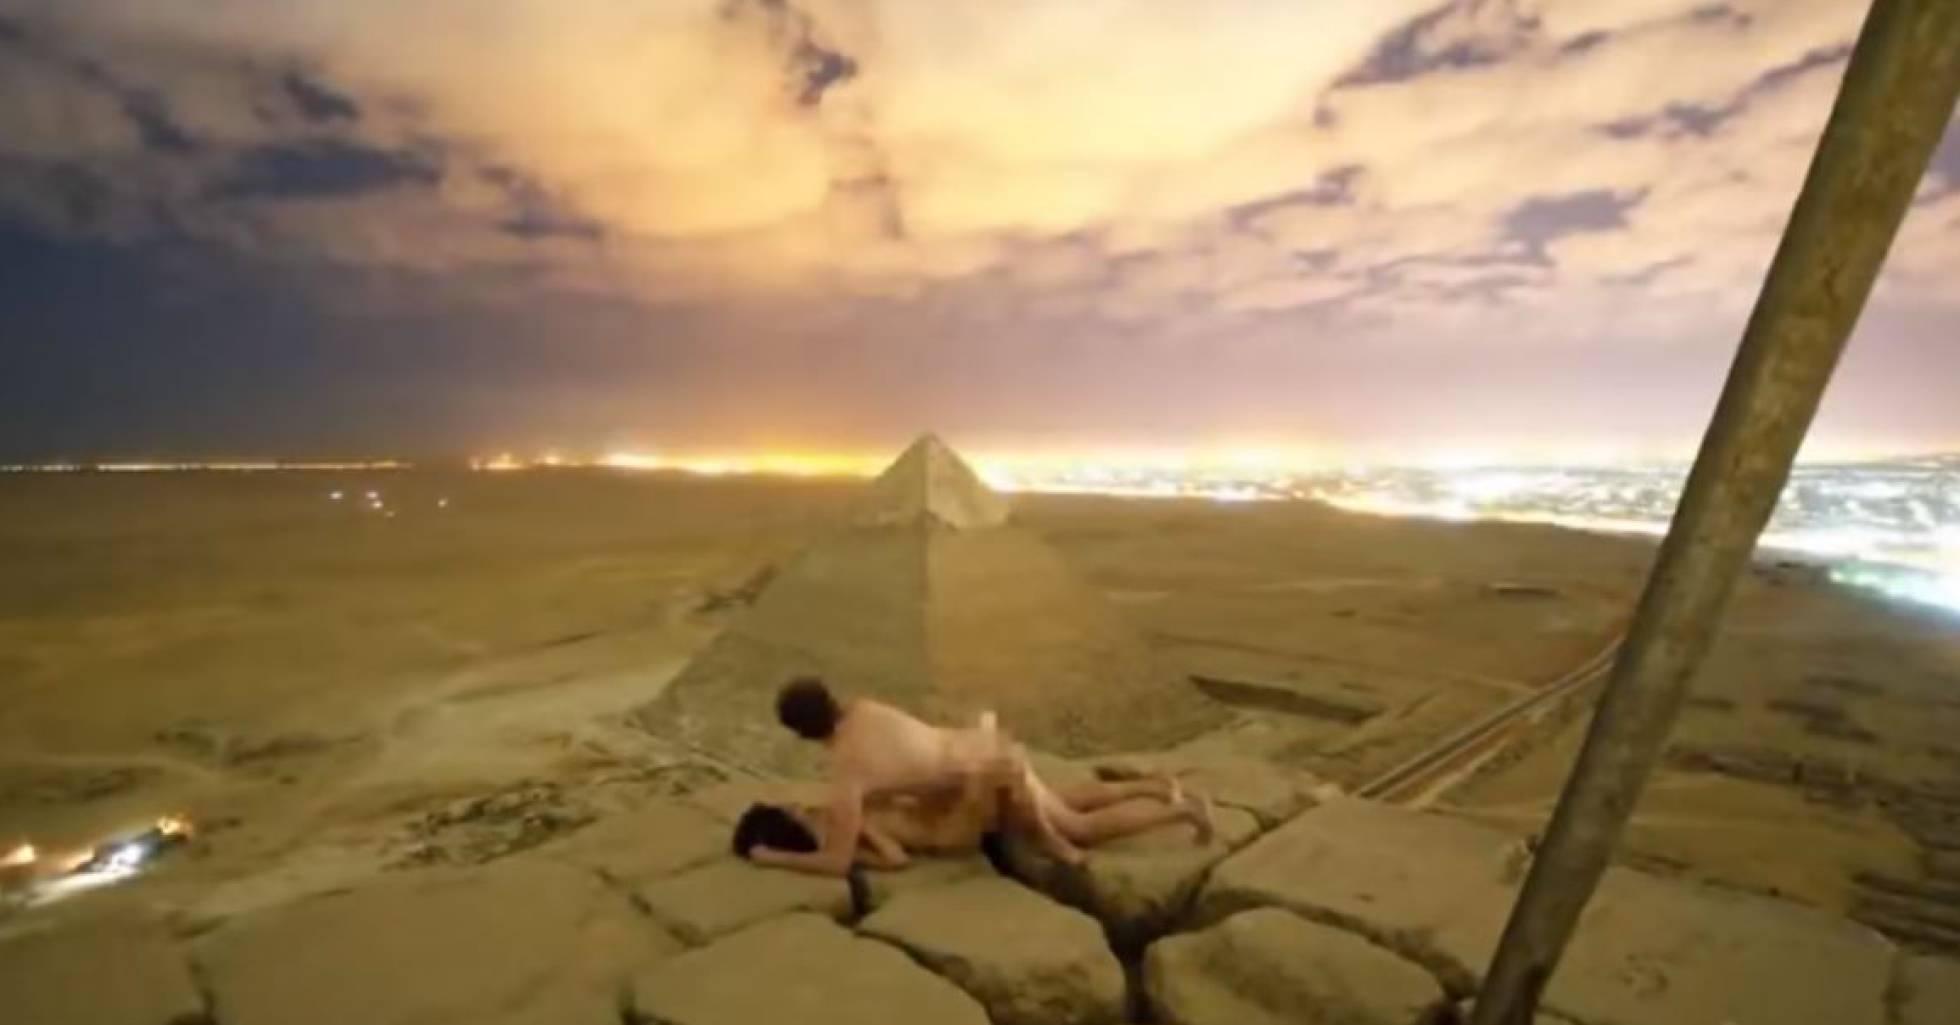 casal piramide sexo - Suposto vídeo de casal fazendo sexo em pirâmide causa escândalo no Egito